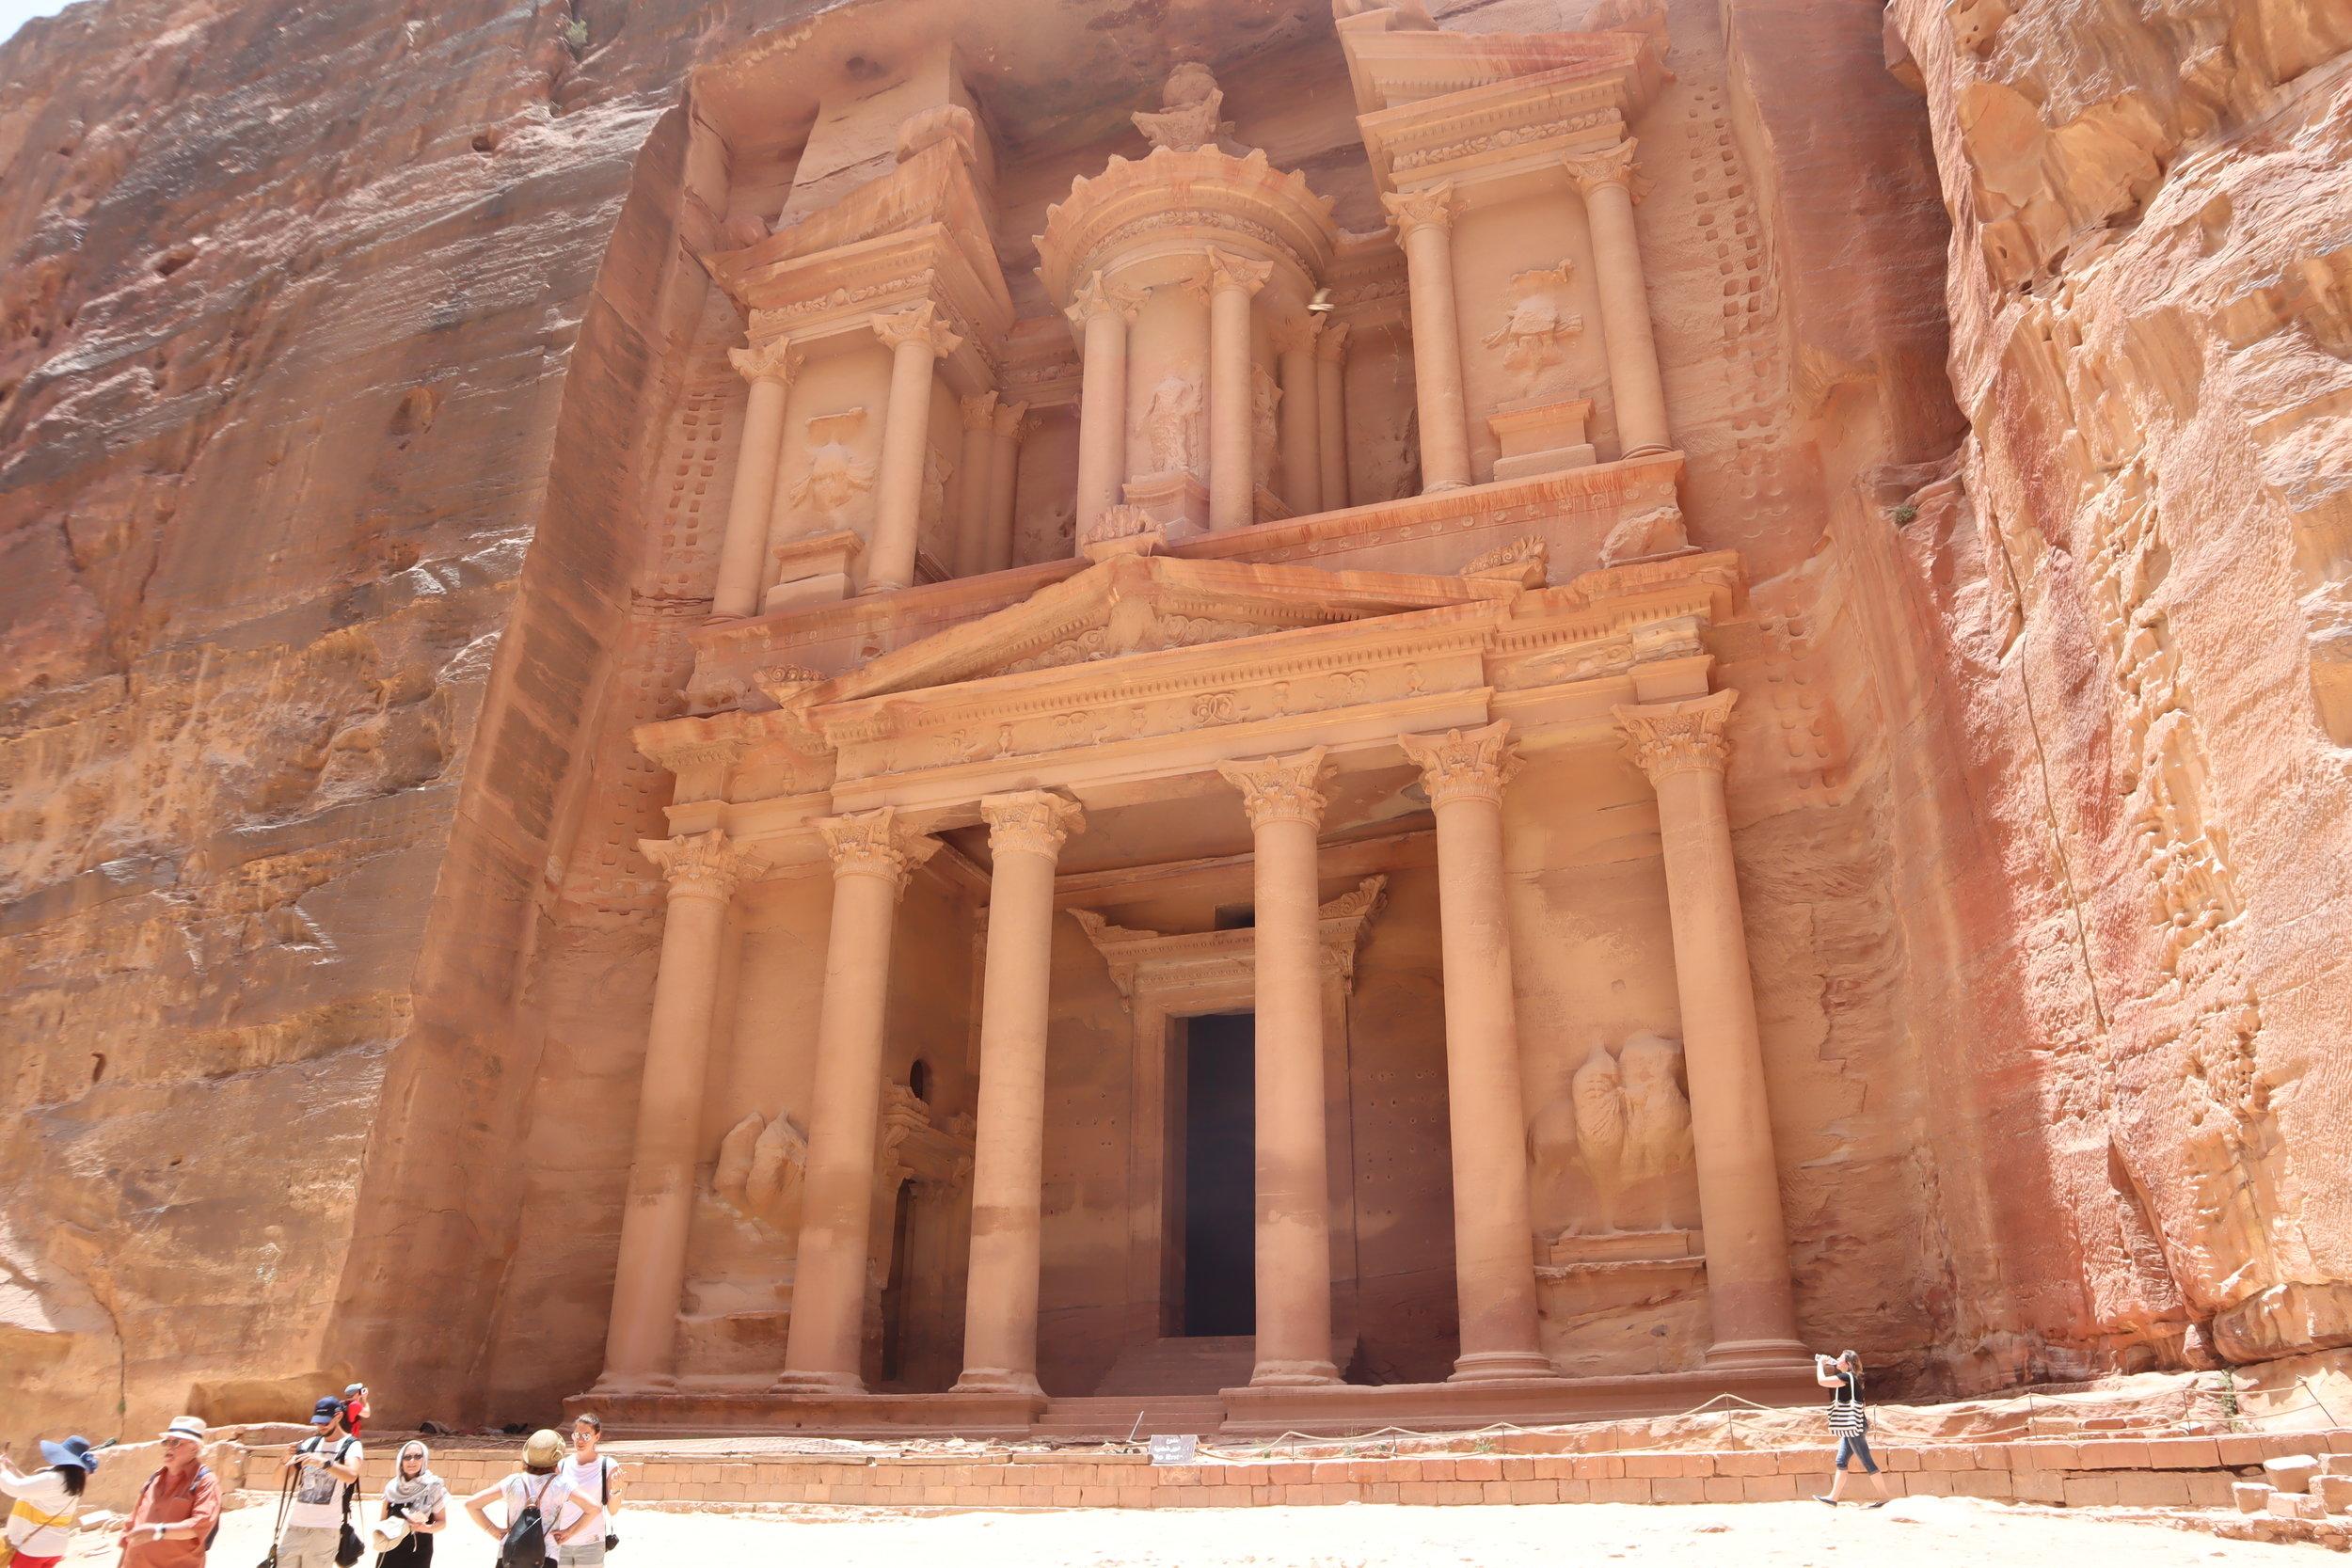 Petra, Jordan – The Treasury